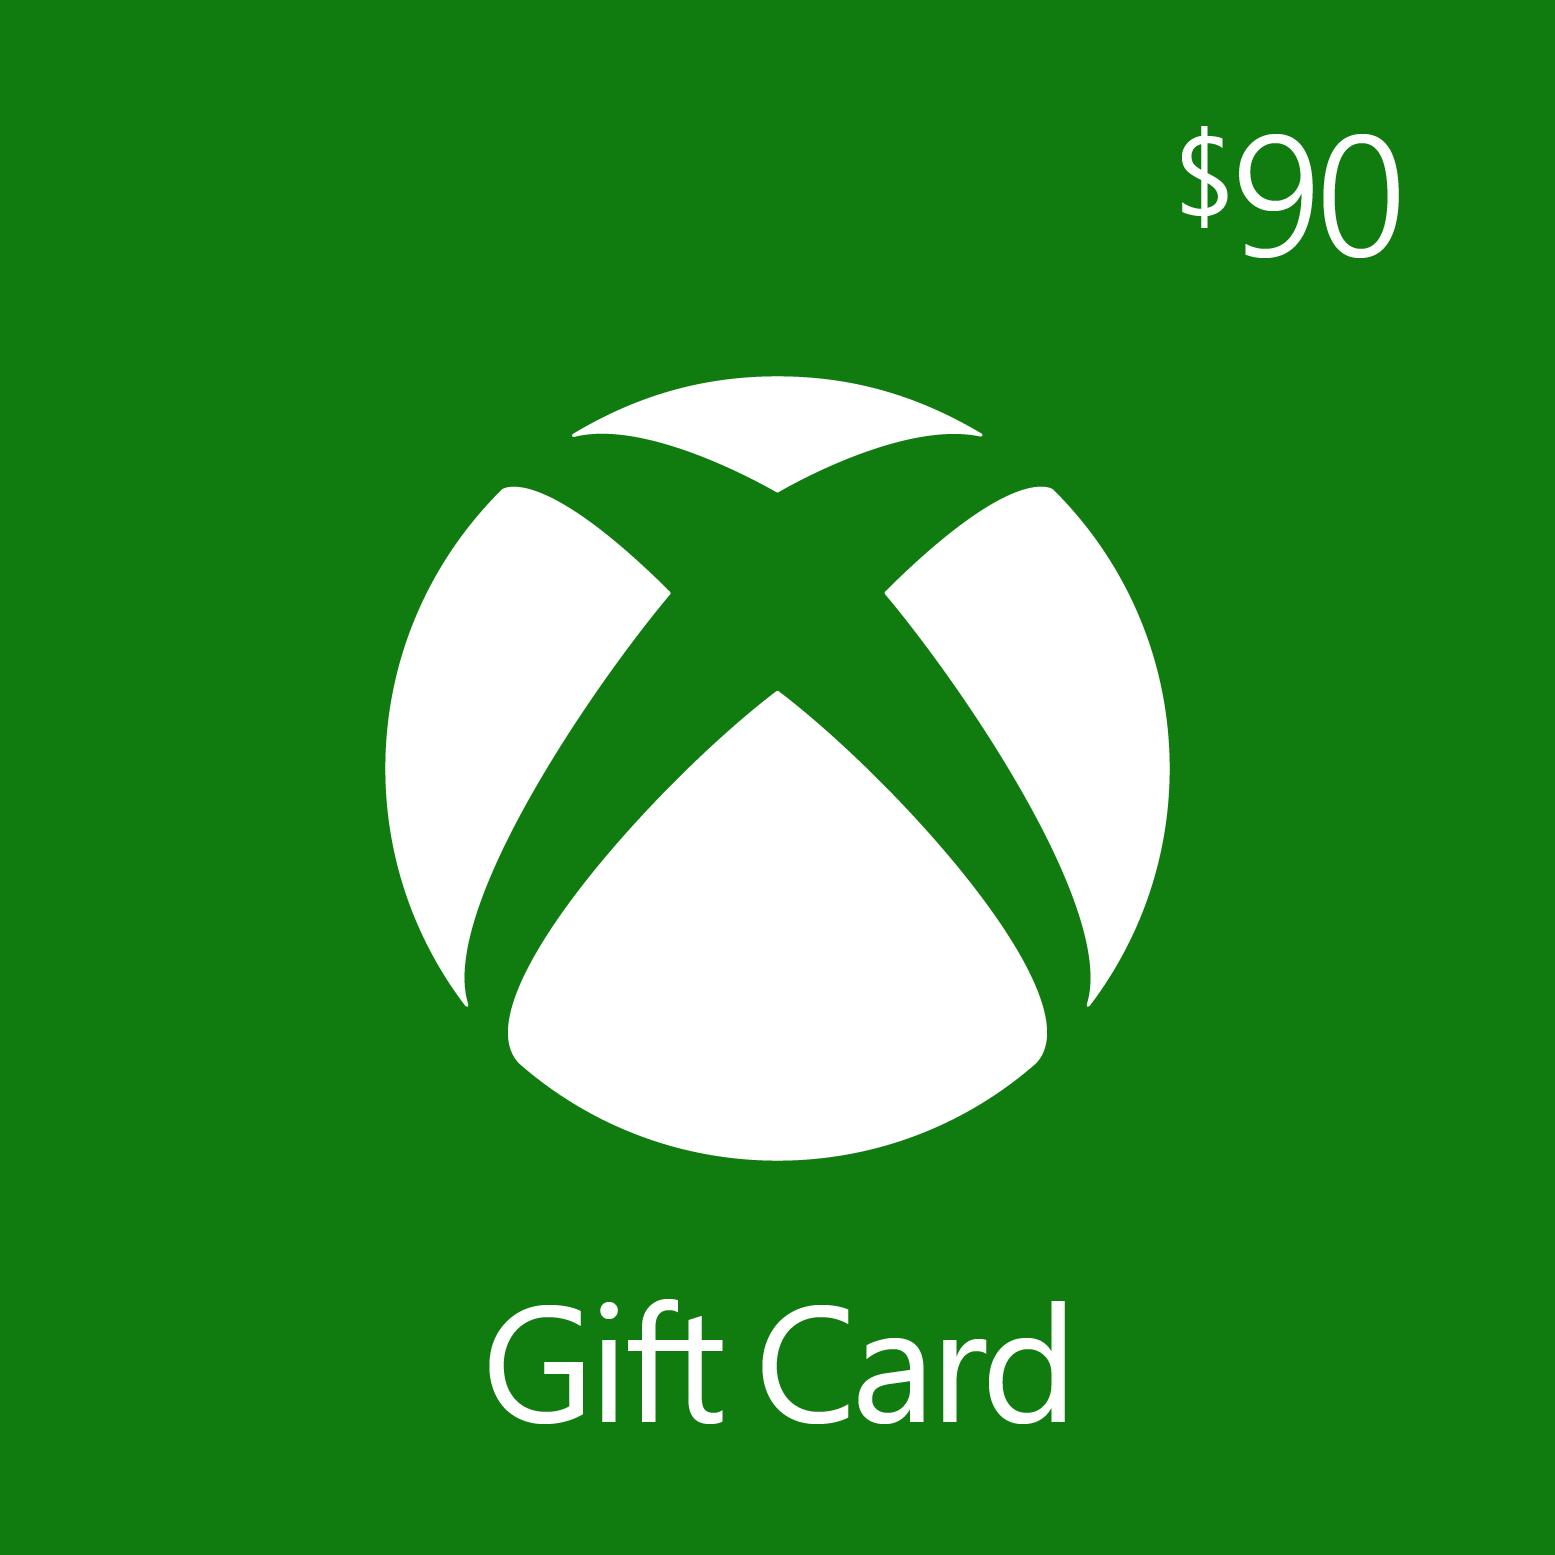 $90.00 Xbox Digital Gift Card